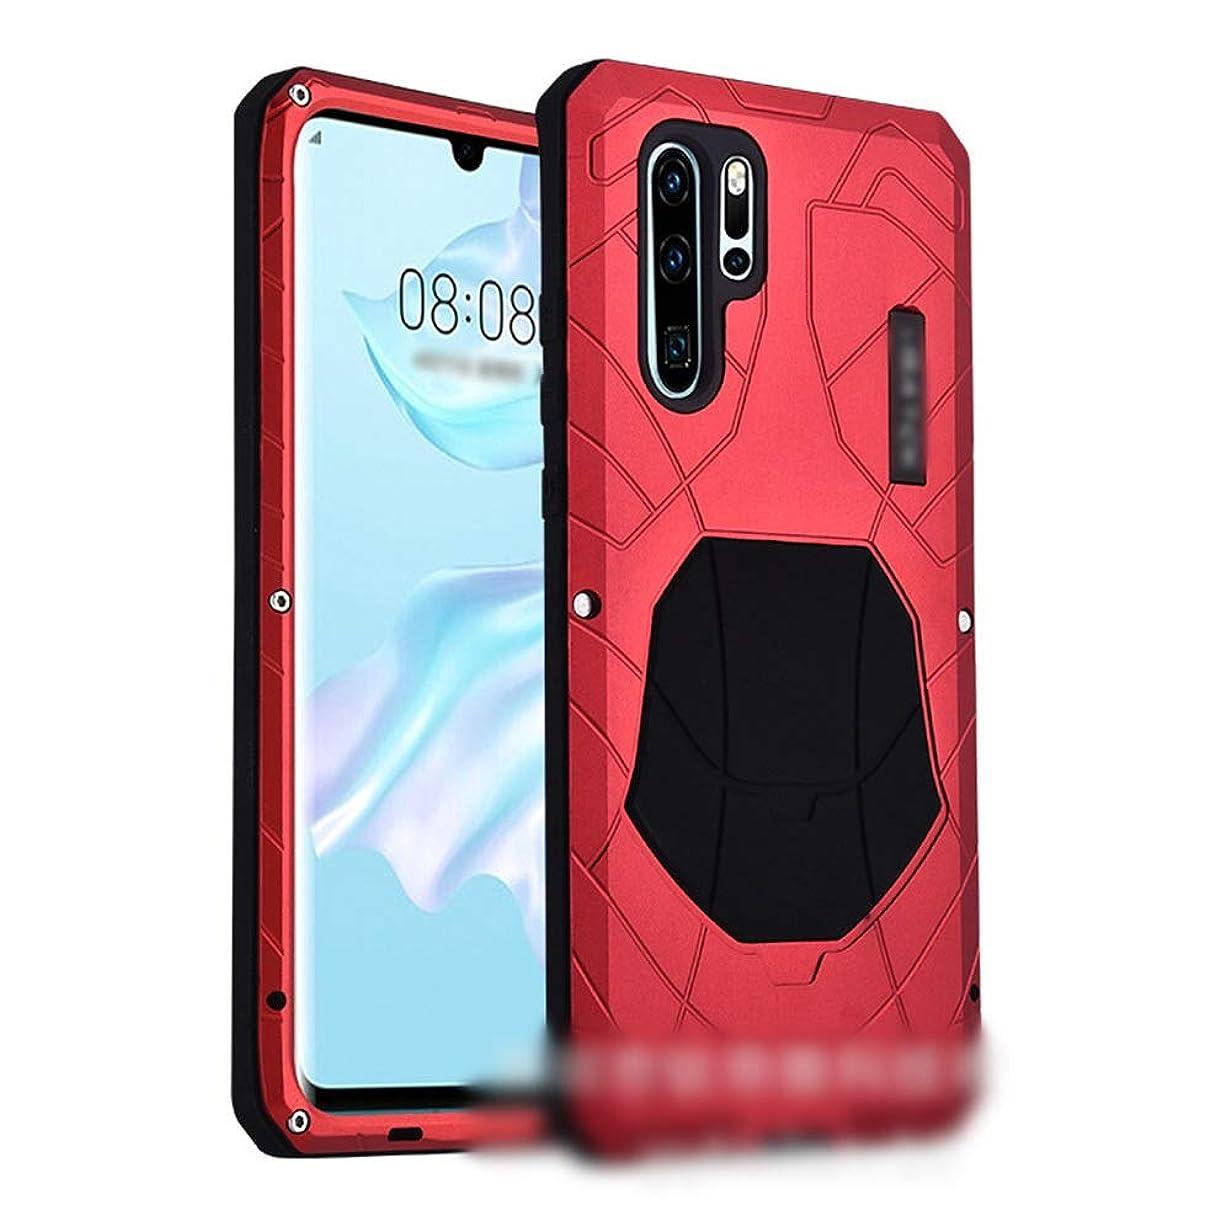 グレートバリアリーフマークされたマークされたTonglilili Huawei P20、P20 Pro、Mate10、Mate10 Pro、Mate20 Pro、Mate20、Mate30 X、Mate30 Lite、Nova 4e、P30、P10プラス、名誉8XP30 Pro、P10用の3つのアンチ携帯電話シェルメタル保護カバー電話ケース (Color : レッド, Edition : Mate30 Lite)